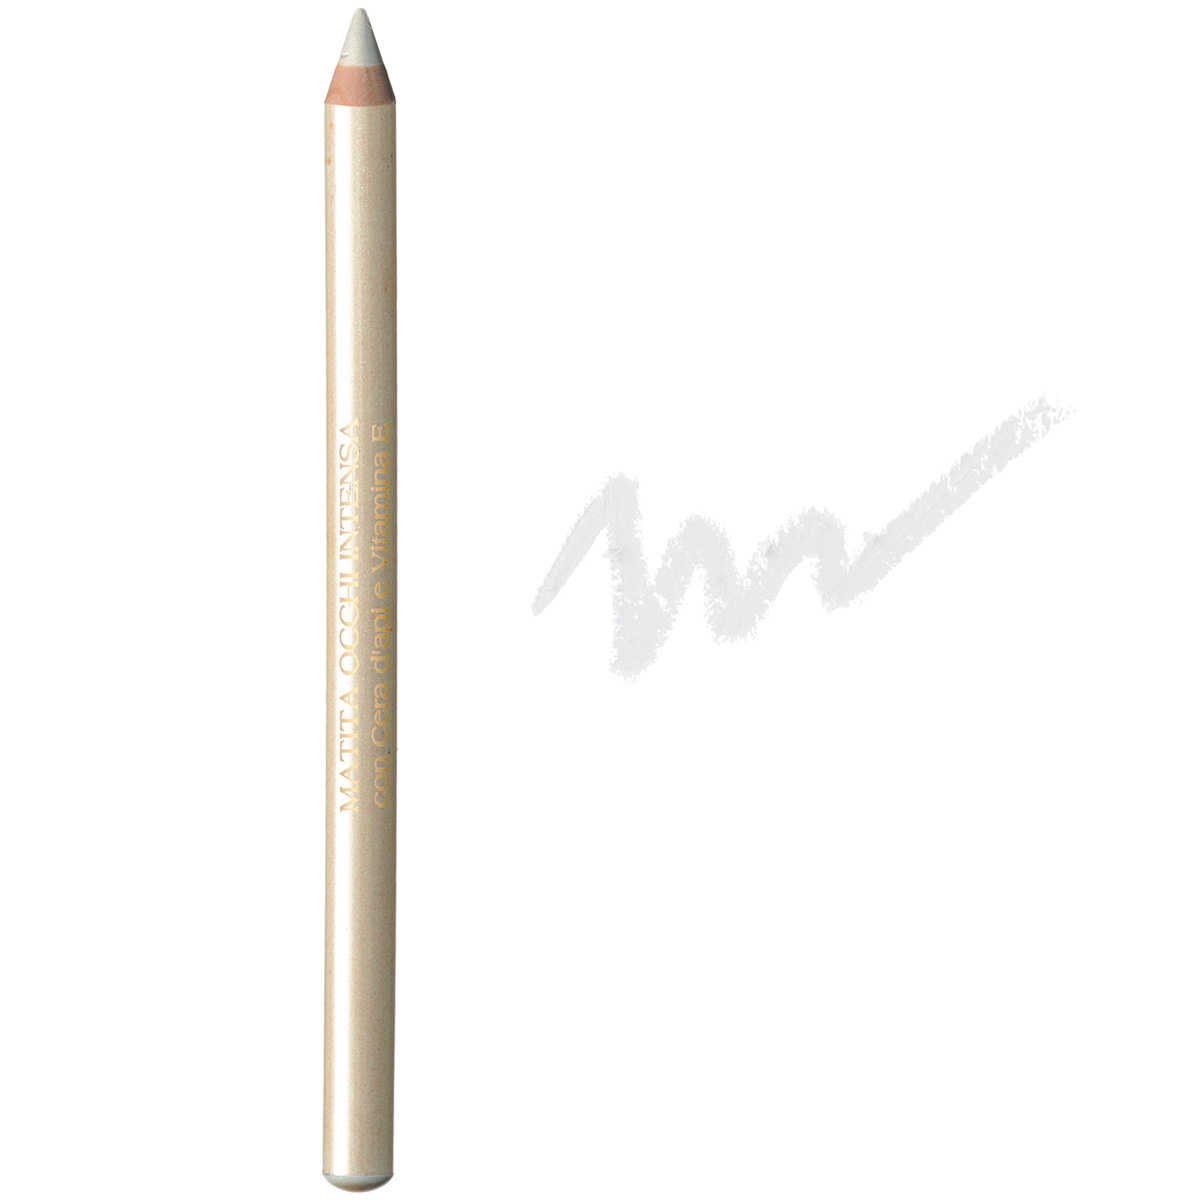 Creion De Ochi Creion De Ochi Contur Intens Cu Ceara Si Vitamina E